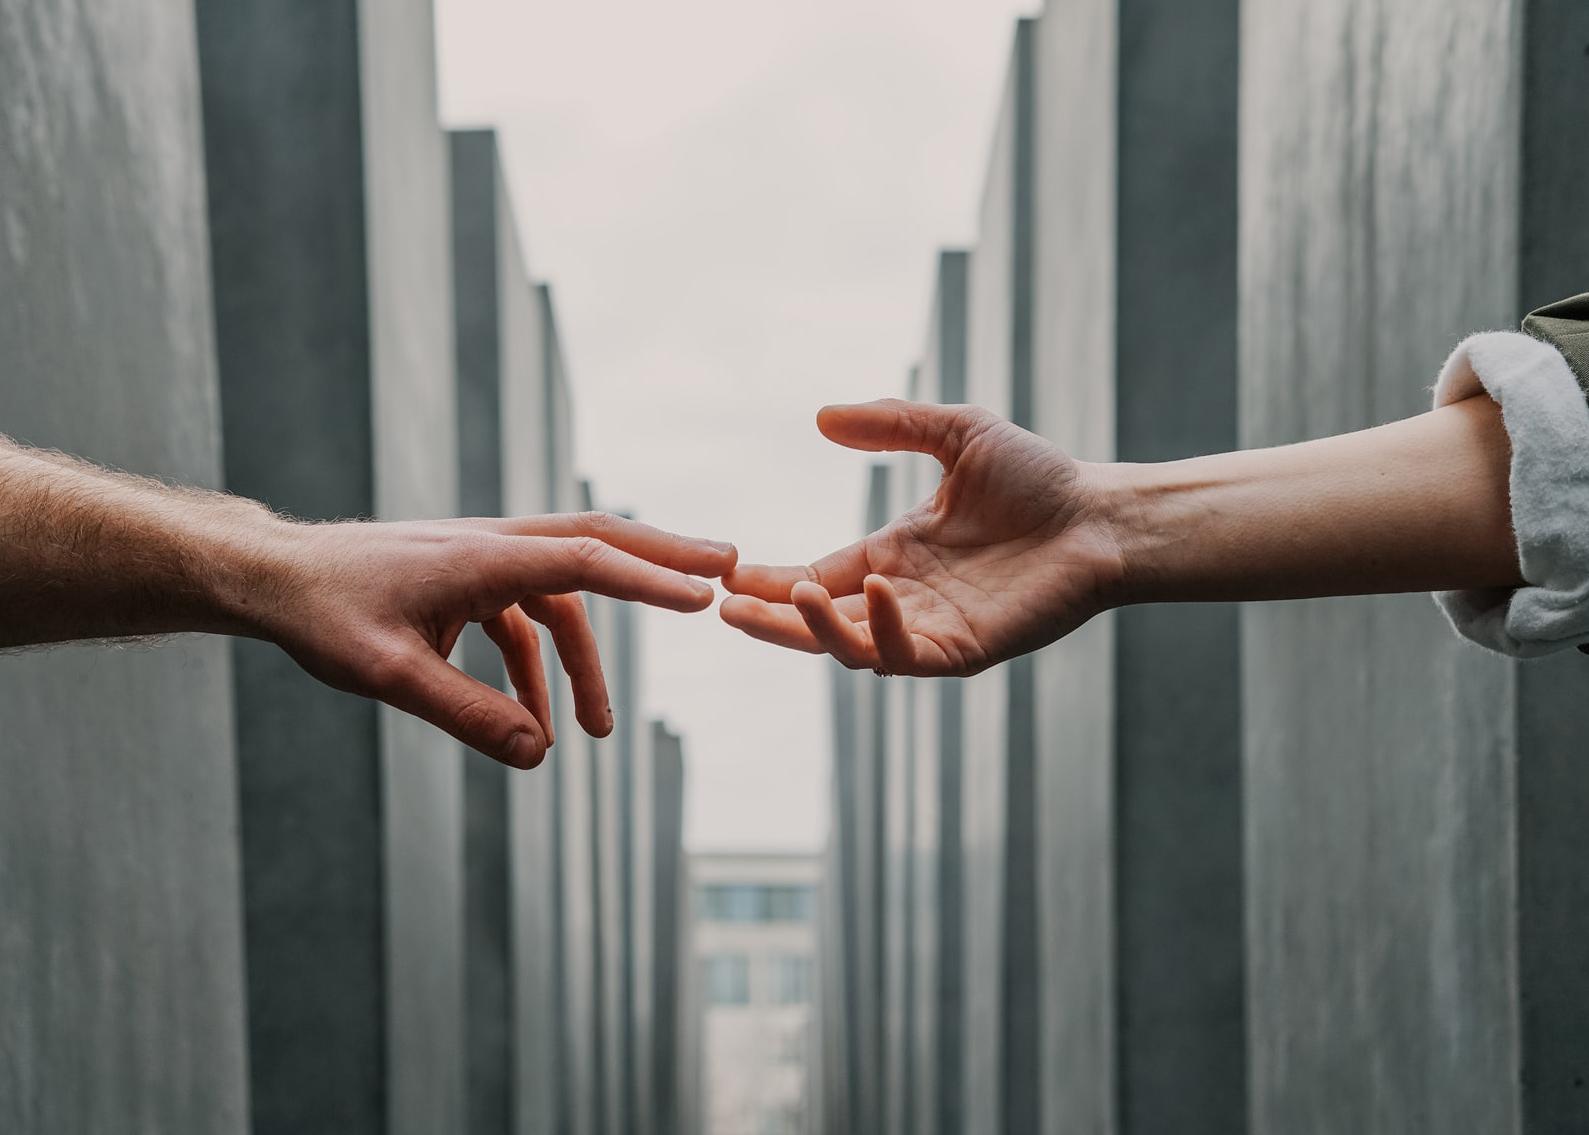 Die Bereitschaft authentisch mit allem da zu sein, was sich in der Verbindung oder in einem Konflikt zwischen zwei oder mehreren Parteien zeigt. Das Prinzip fordert uns auf, genau zu schauen ob wir uns ganz in die Verbindung einbringen oder ob wir uns gewohnheitsmässig einem bestimmten Gefühl, einer Verhaltensweise oder einer Rückmeldung entziehen.